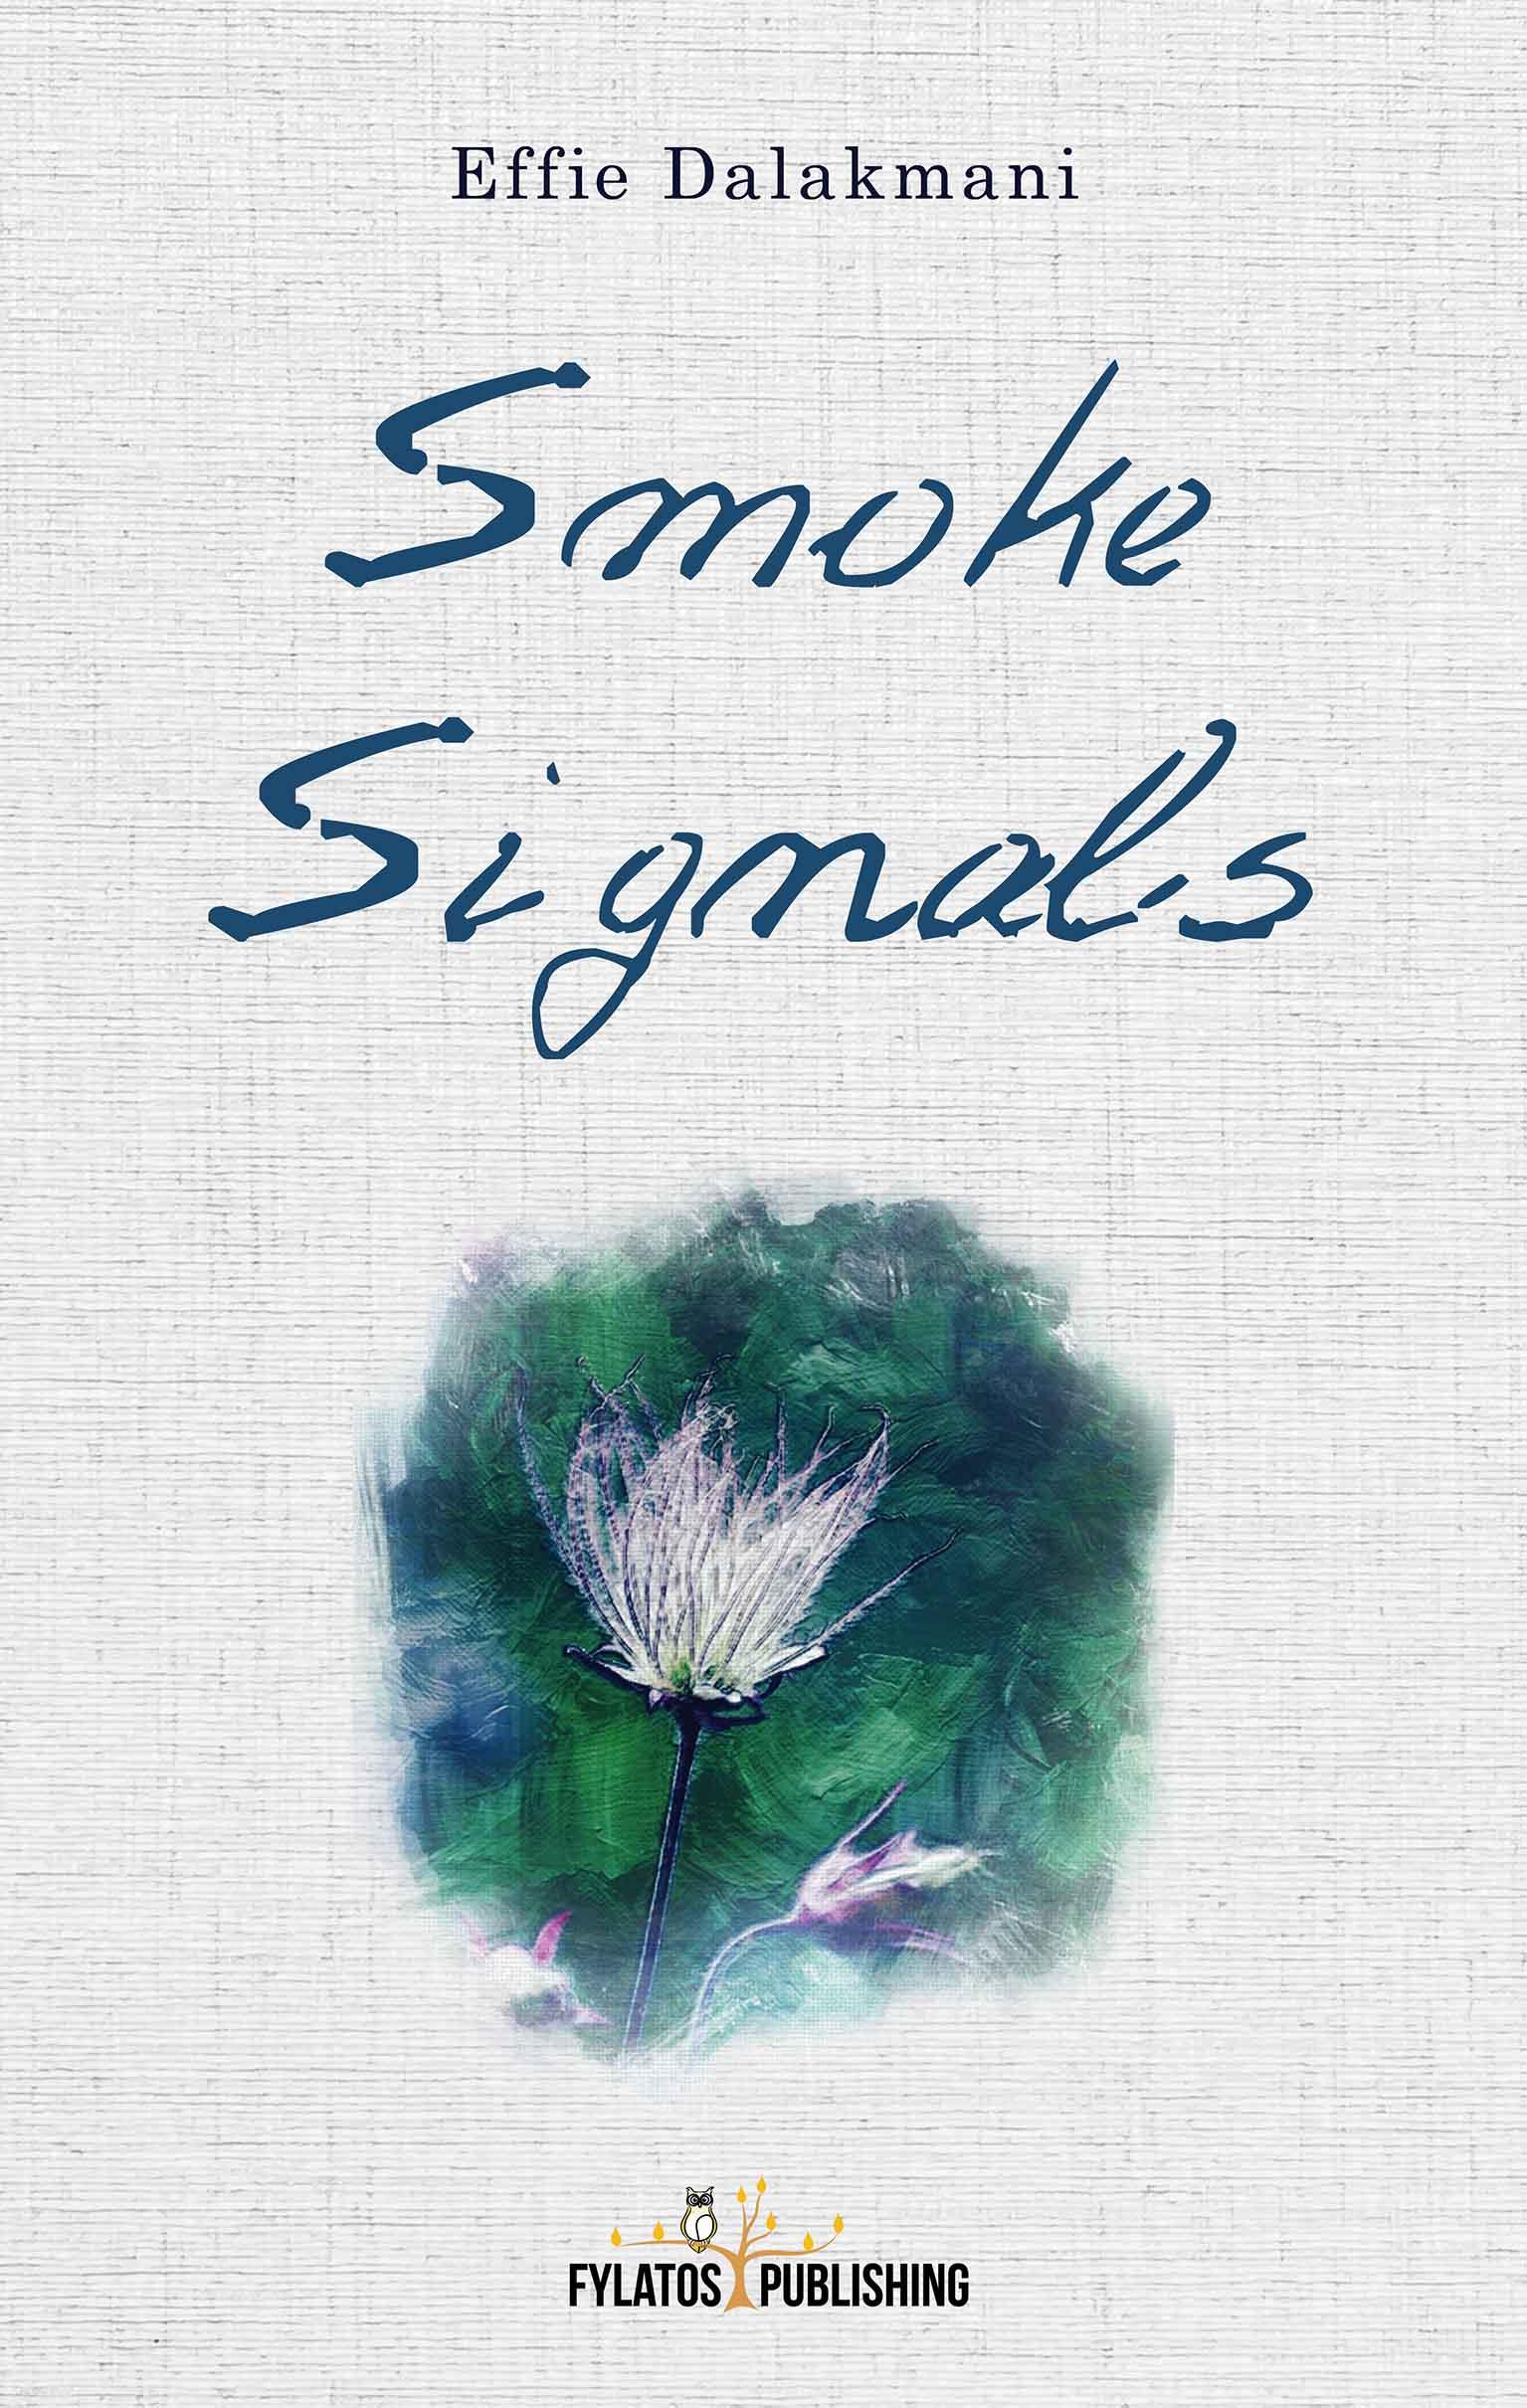 εκδόσεις Φυλάτος βιβλία νέες κυκλοφορίες smoke signals